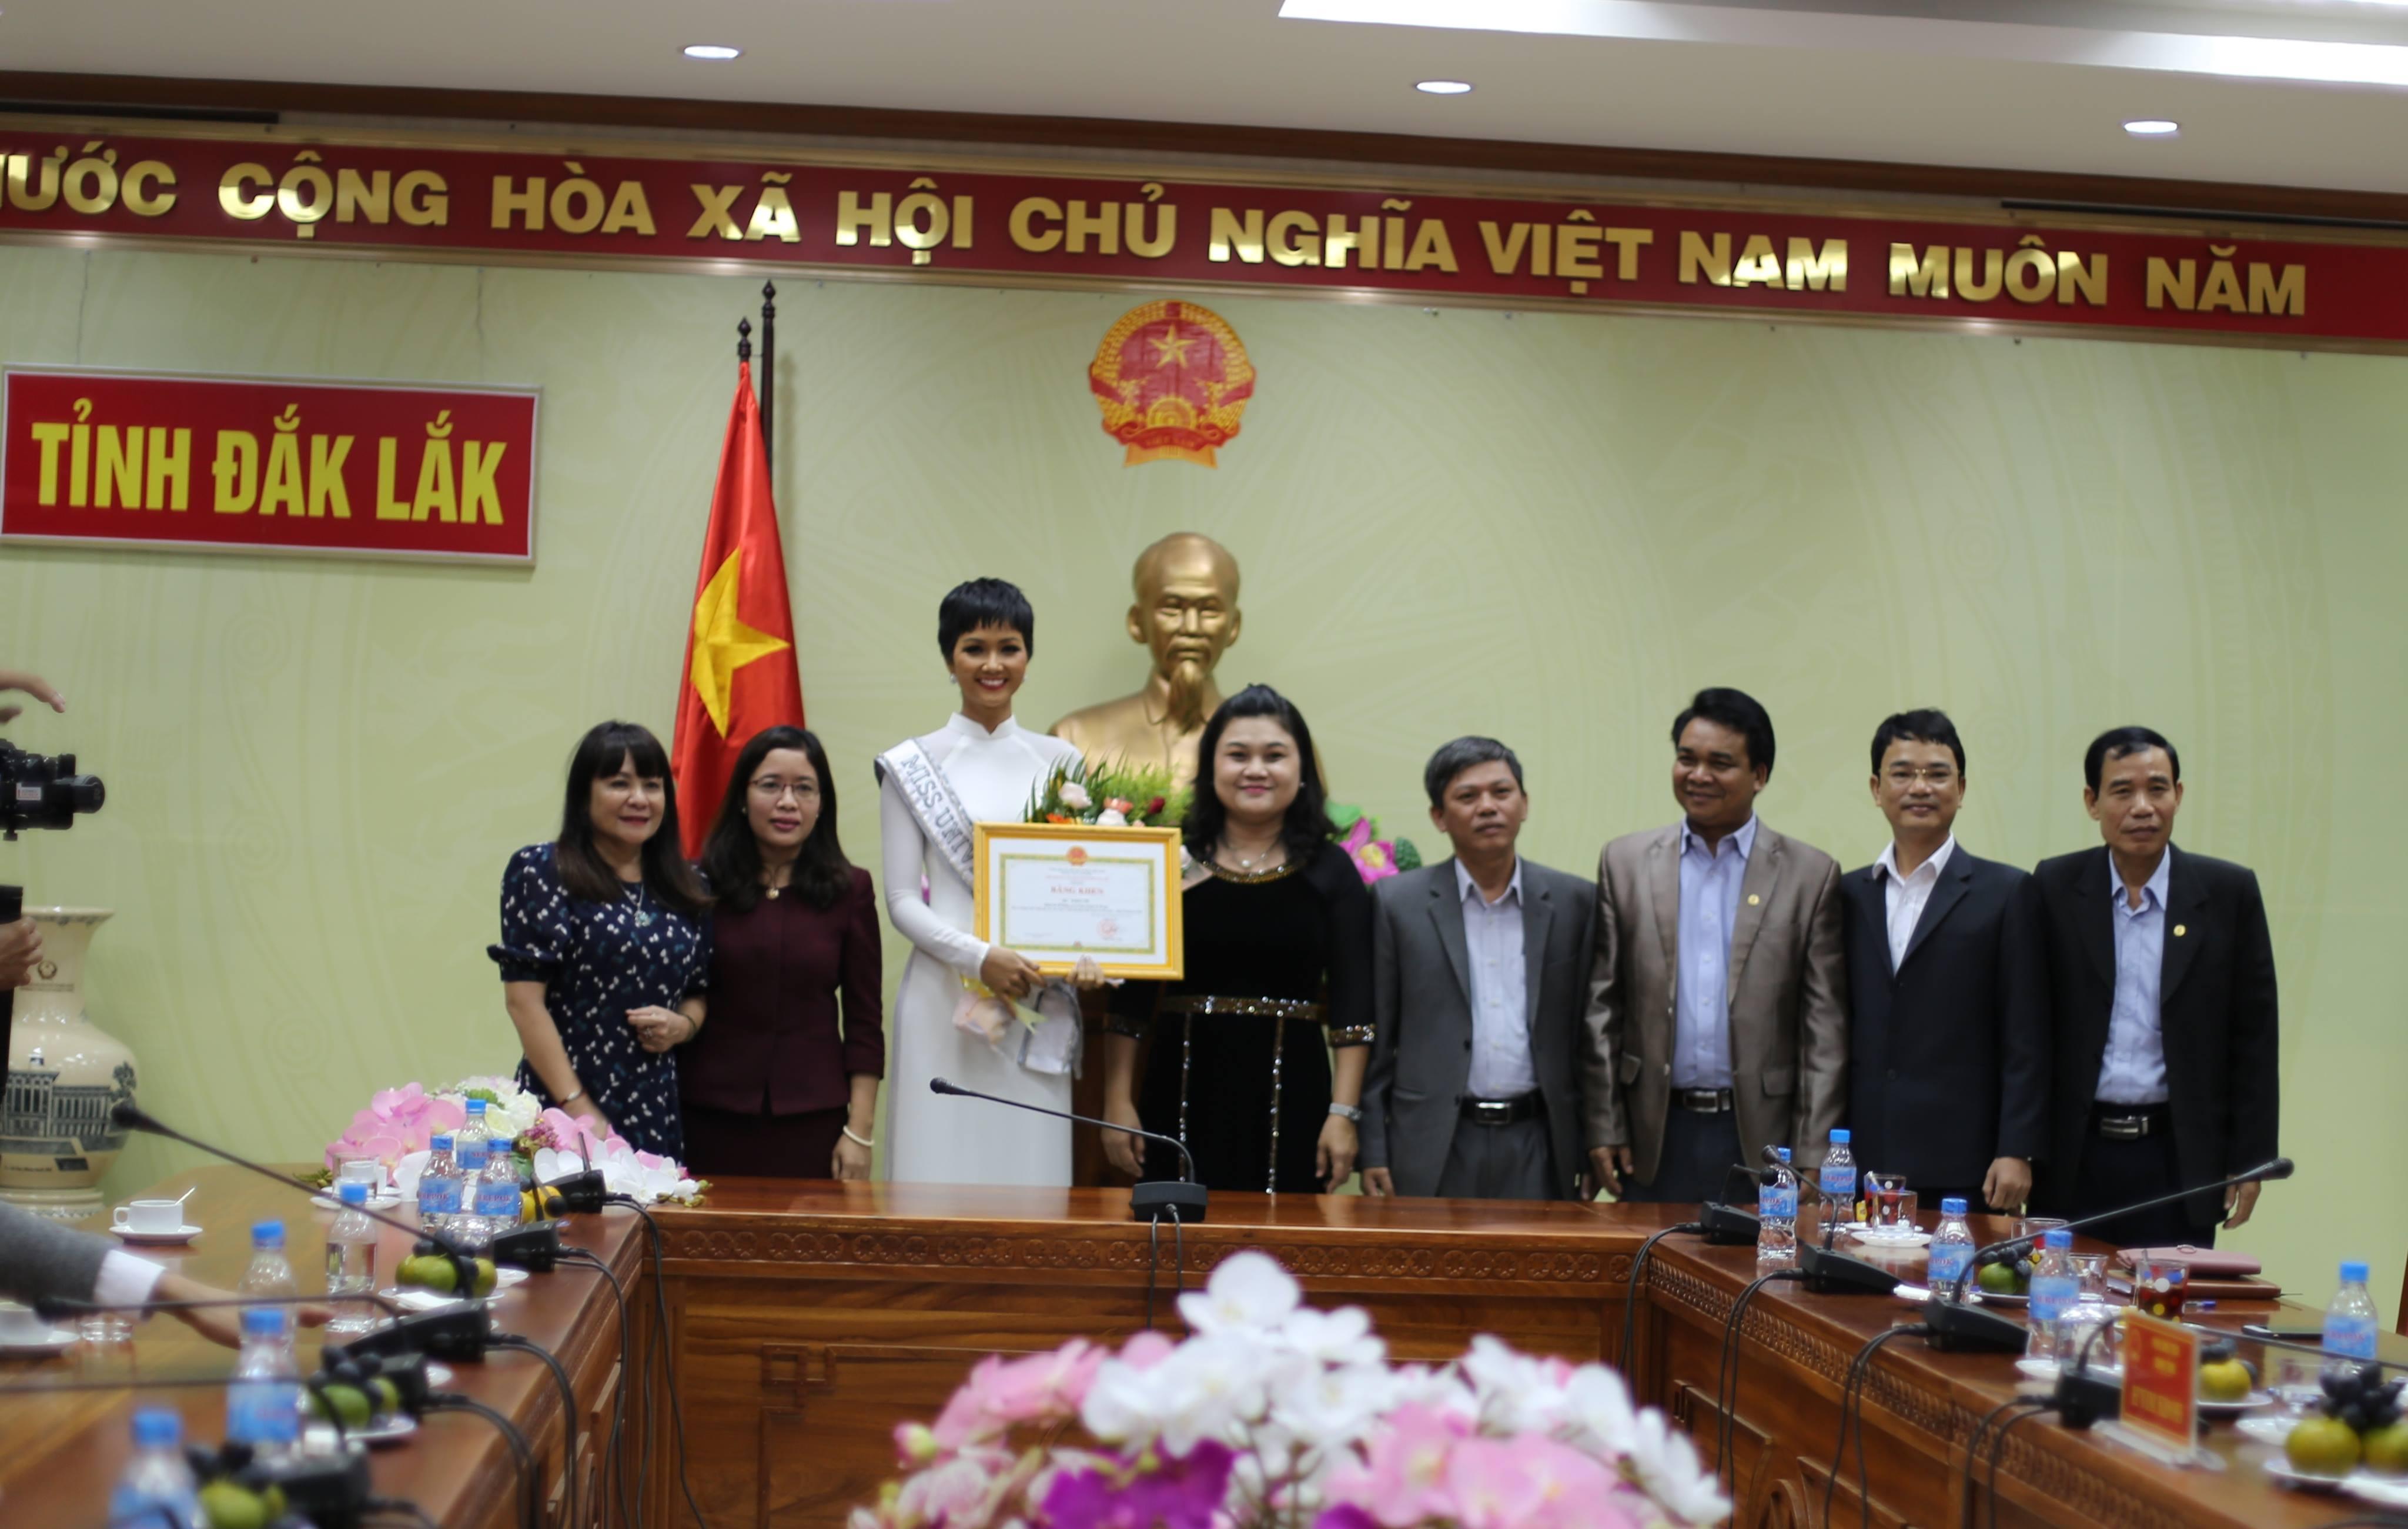 Tỉnh Đắk Lắk mời hoa hậu H'Hen Niê làm đại sứ cho cà phê Buôn Ma Thuột - Ảnh 1